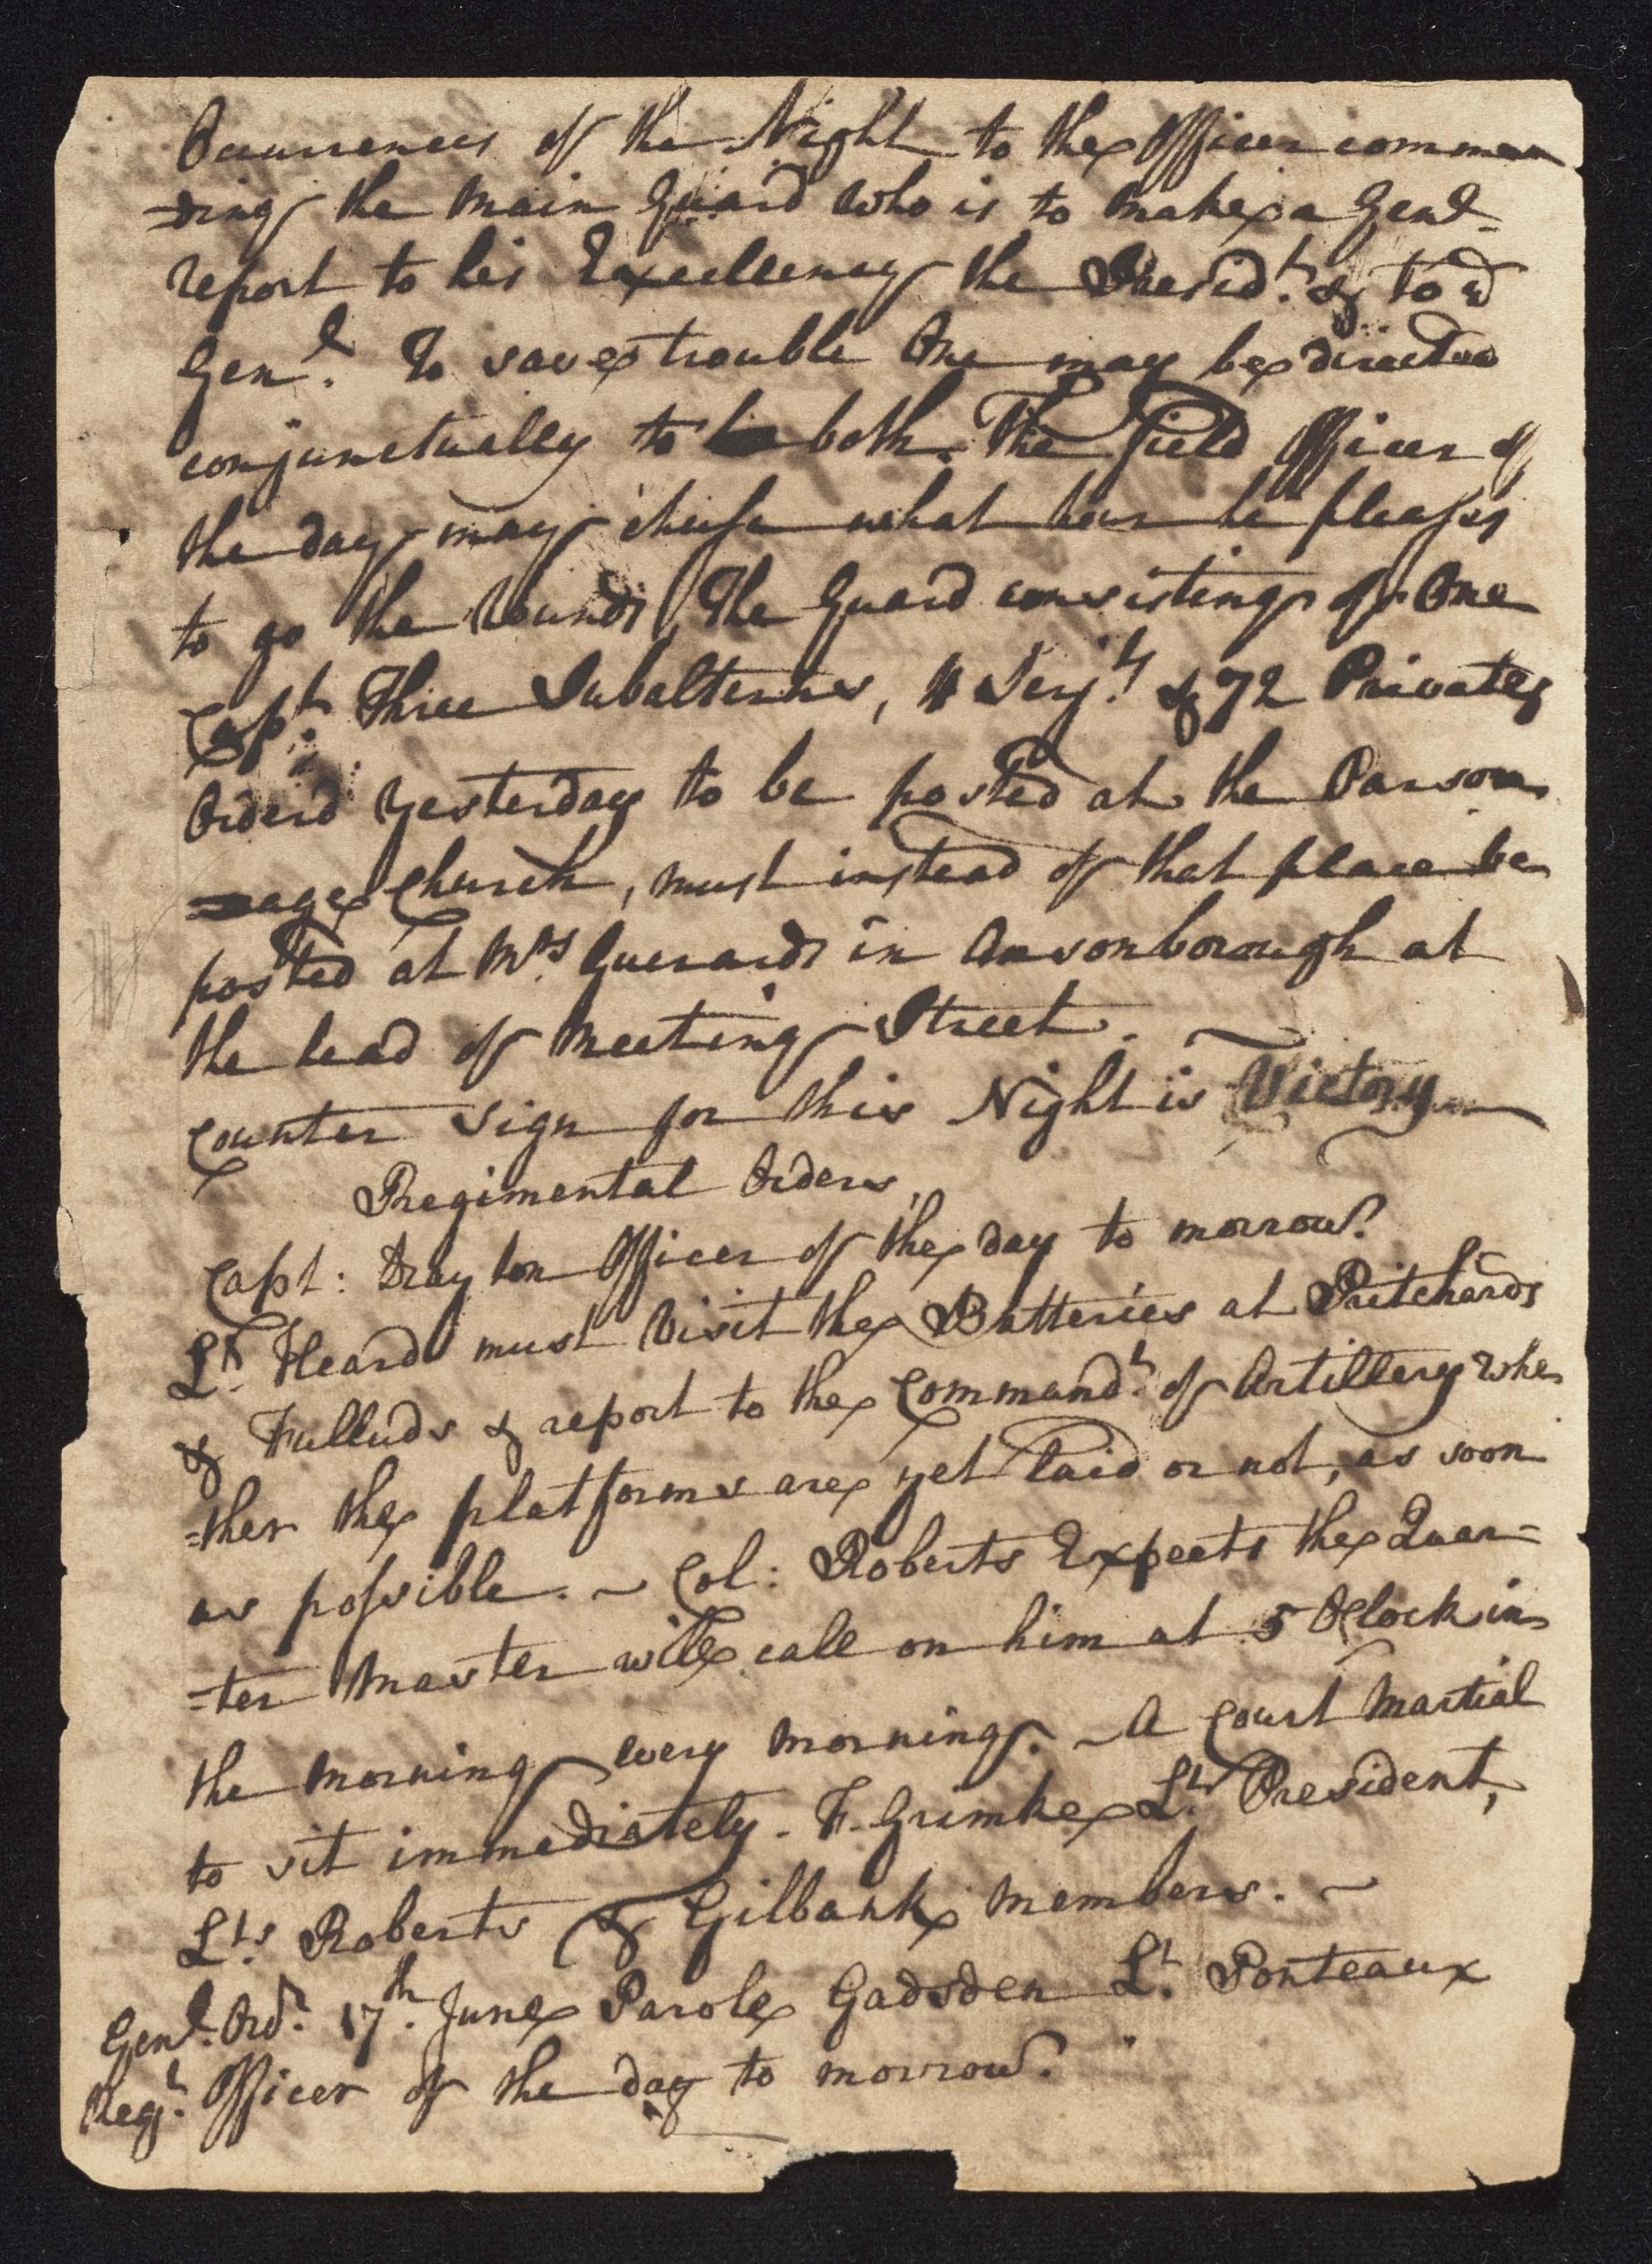 South Carolina Regiment Order Book, Page 122